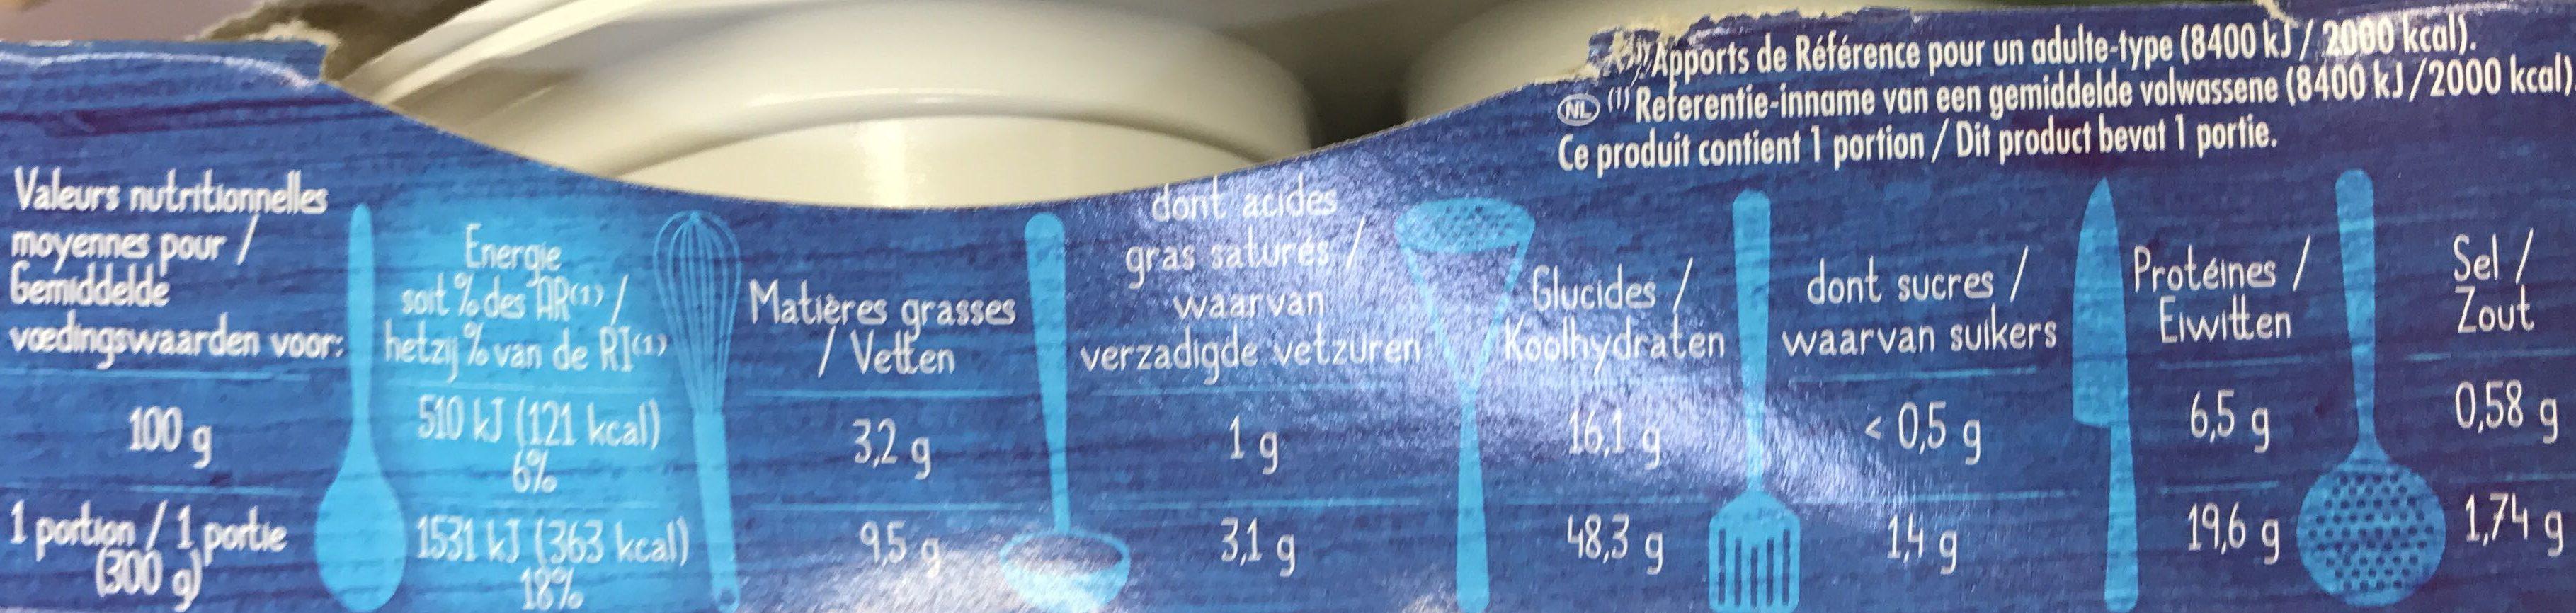 Pavé de Merlu Blanc - Nutrition facts